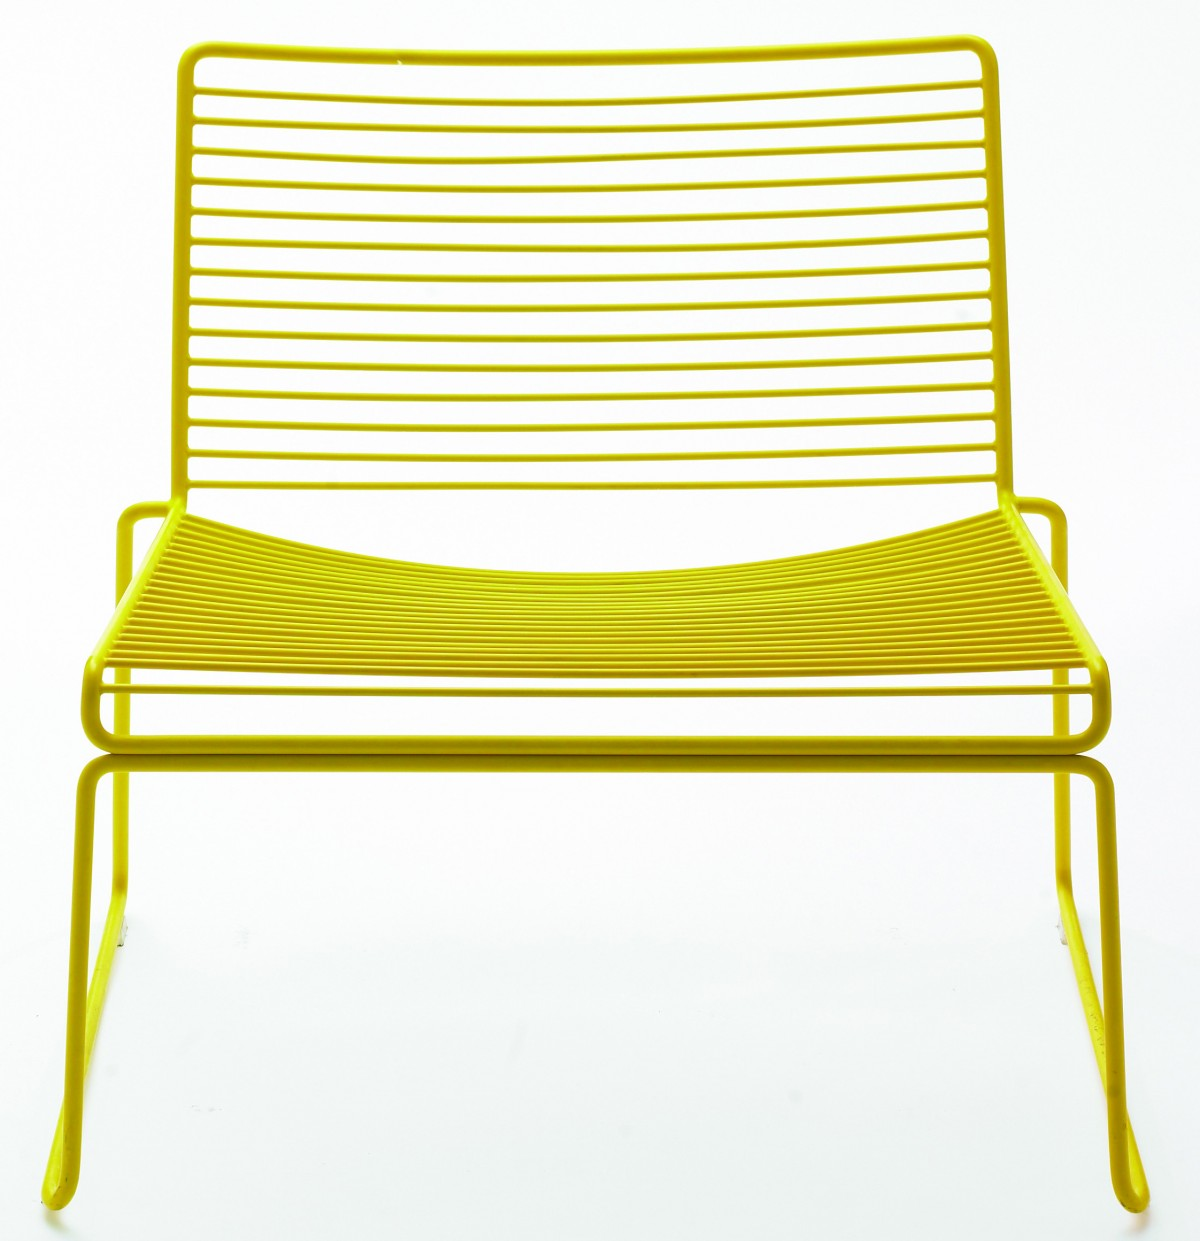 Hee lounge LOUNGE UND B196NKE Gastronomiem246bel und  : big5492a44d935fe hee lounge chair yellow 1 from www.pmfurniture.de size 1200 x 1241 jpeg 173kB